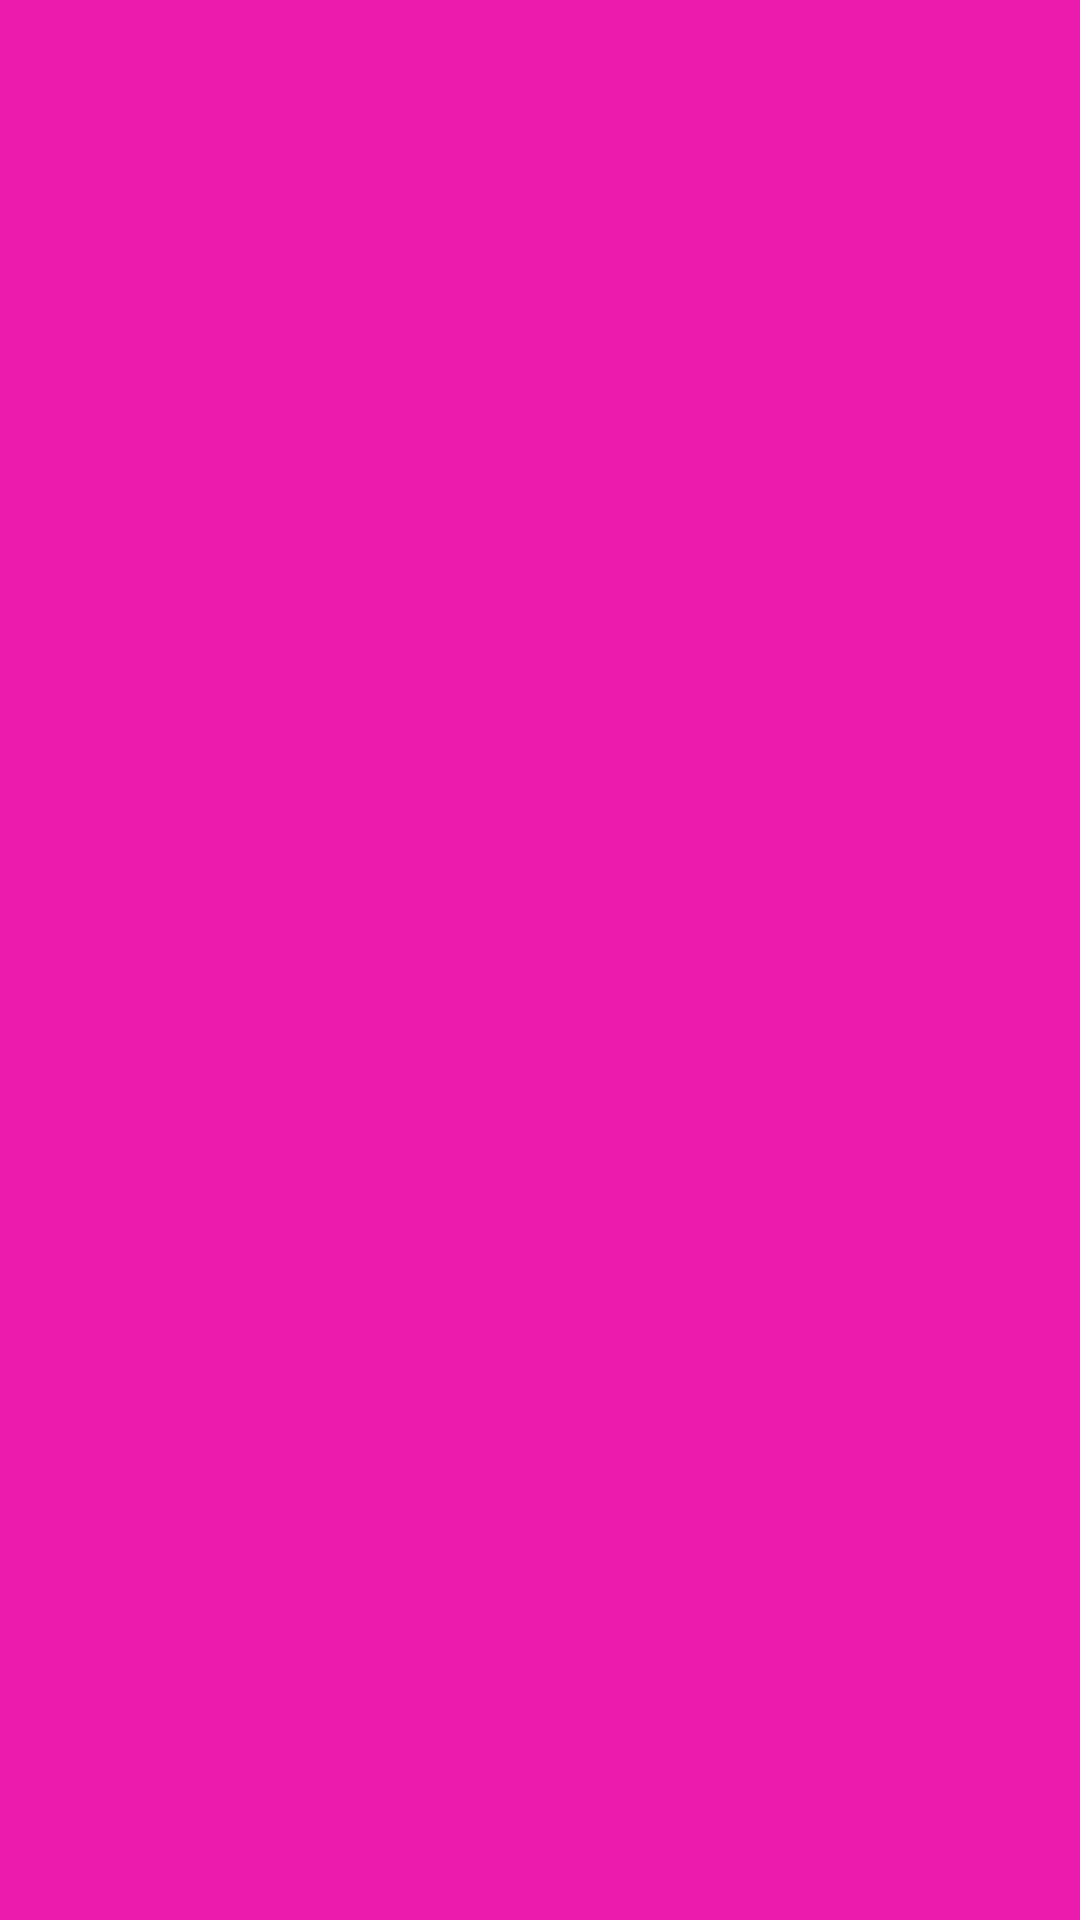 b8598c2281de Pin di Nilde su rosa fucsia nel 2019